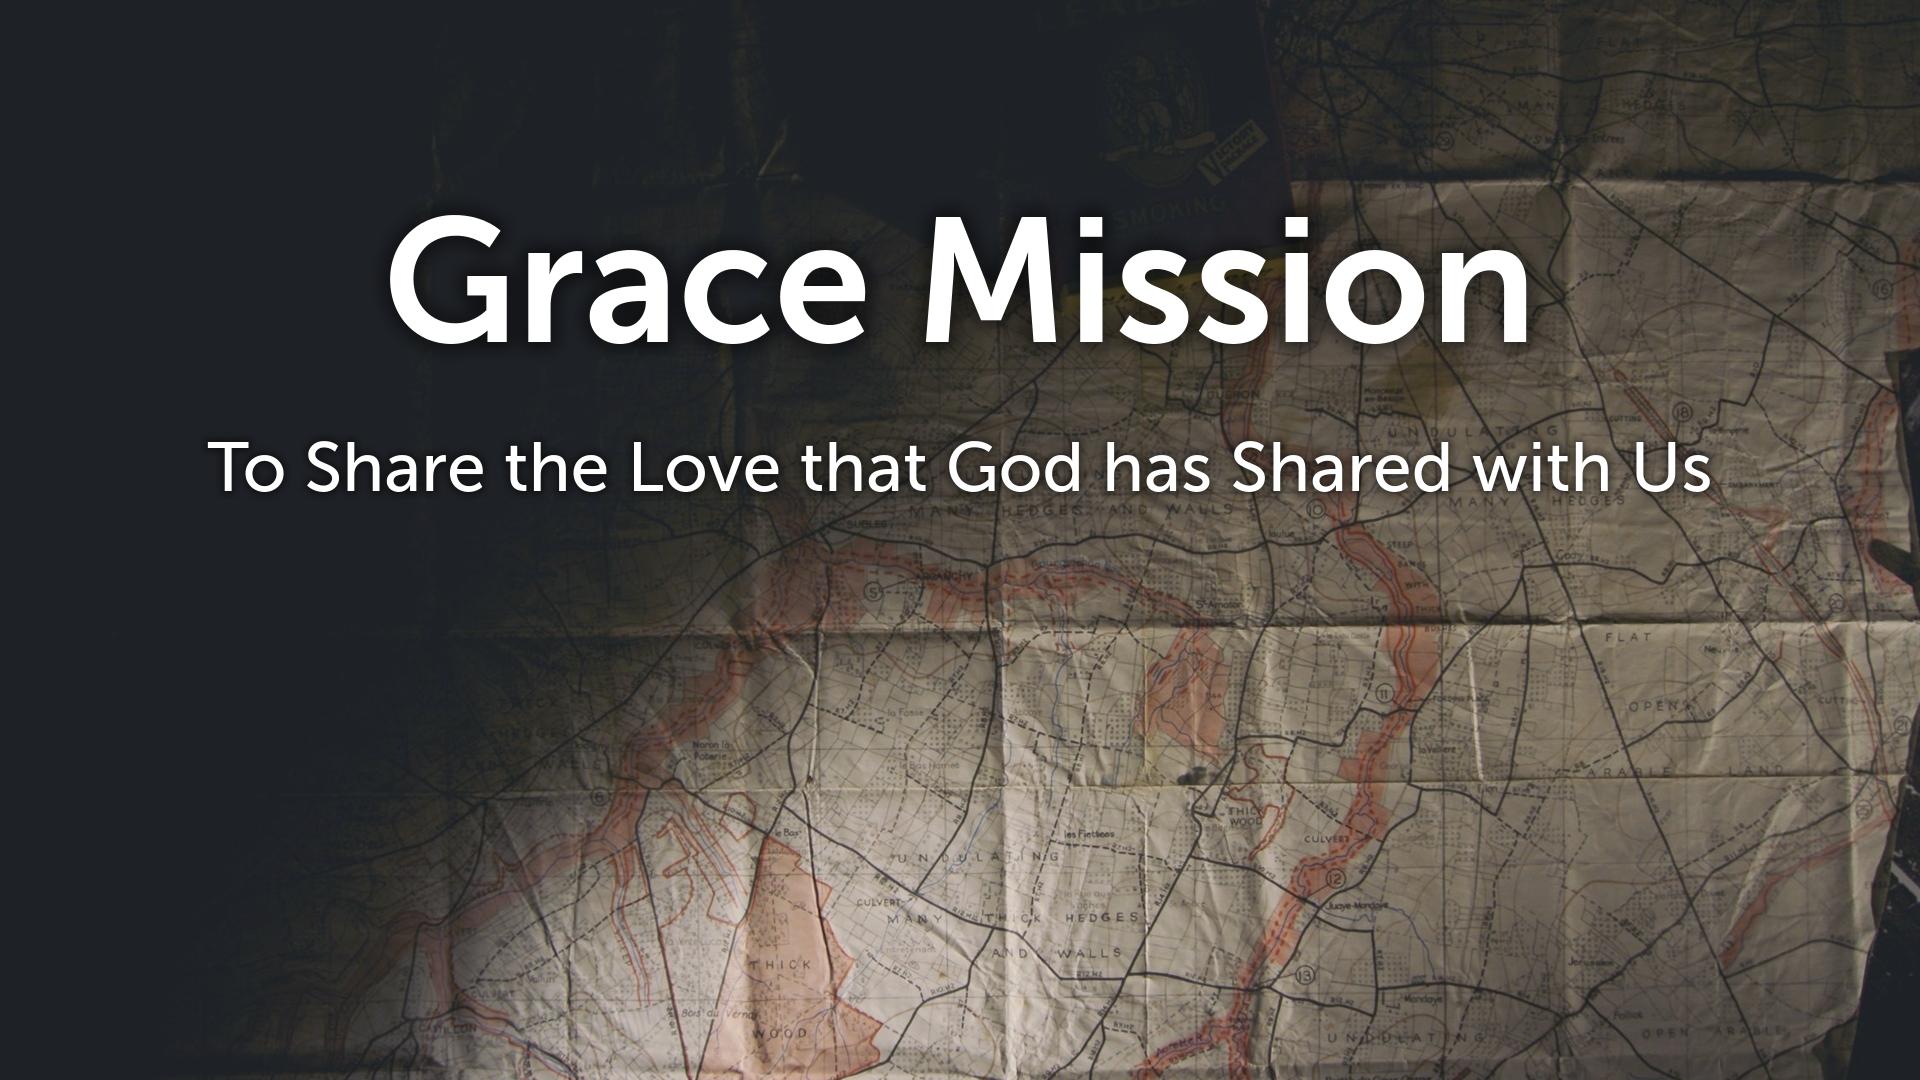 Grace Mission